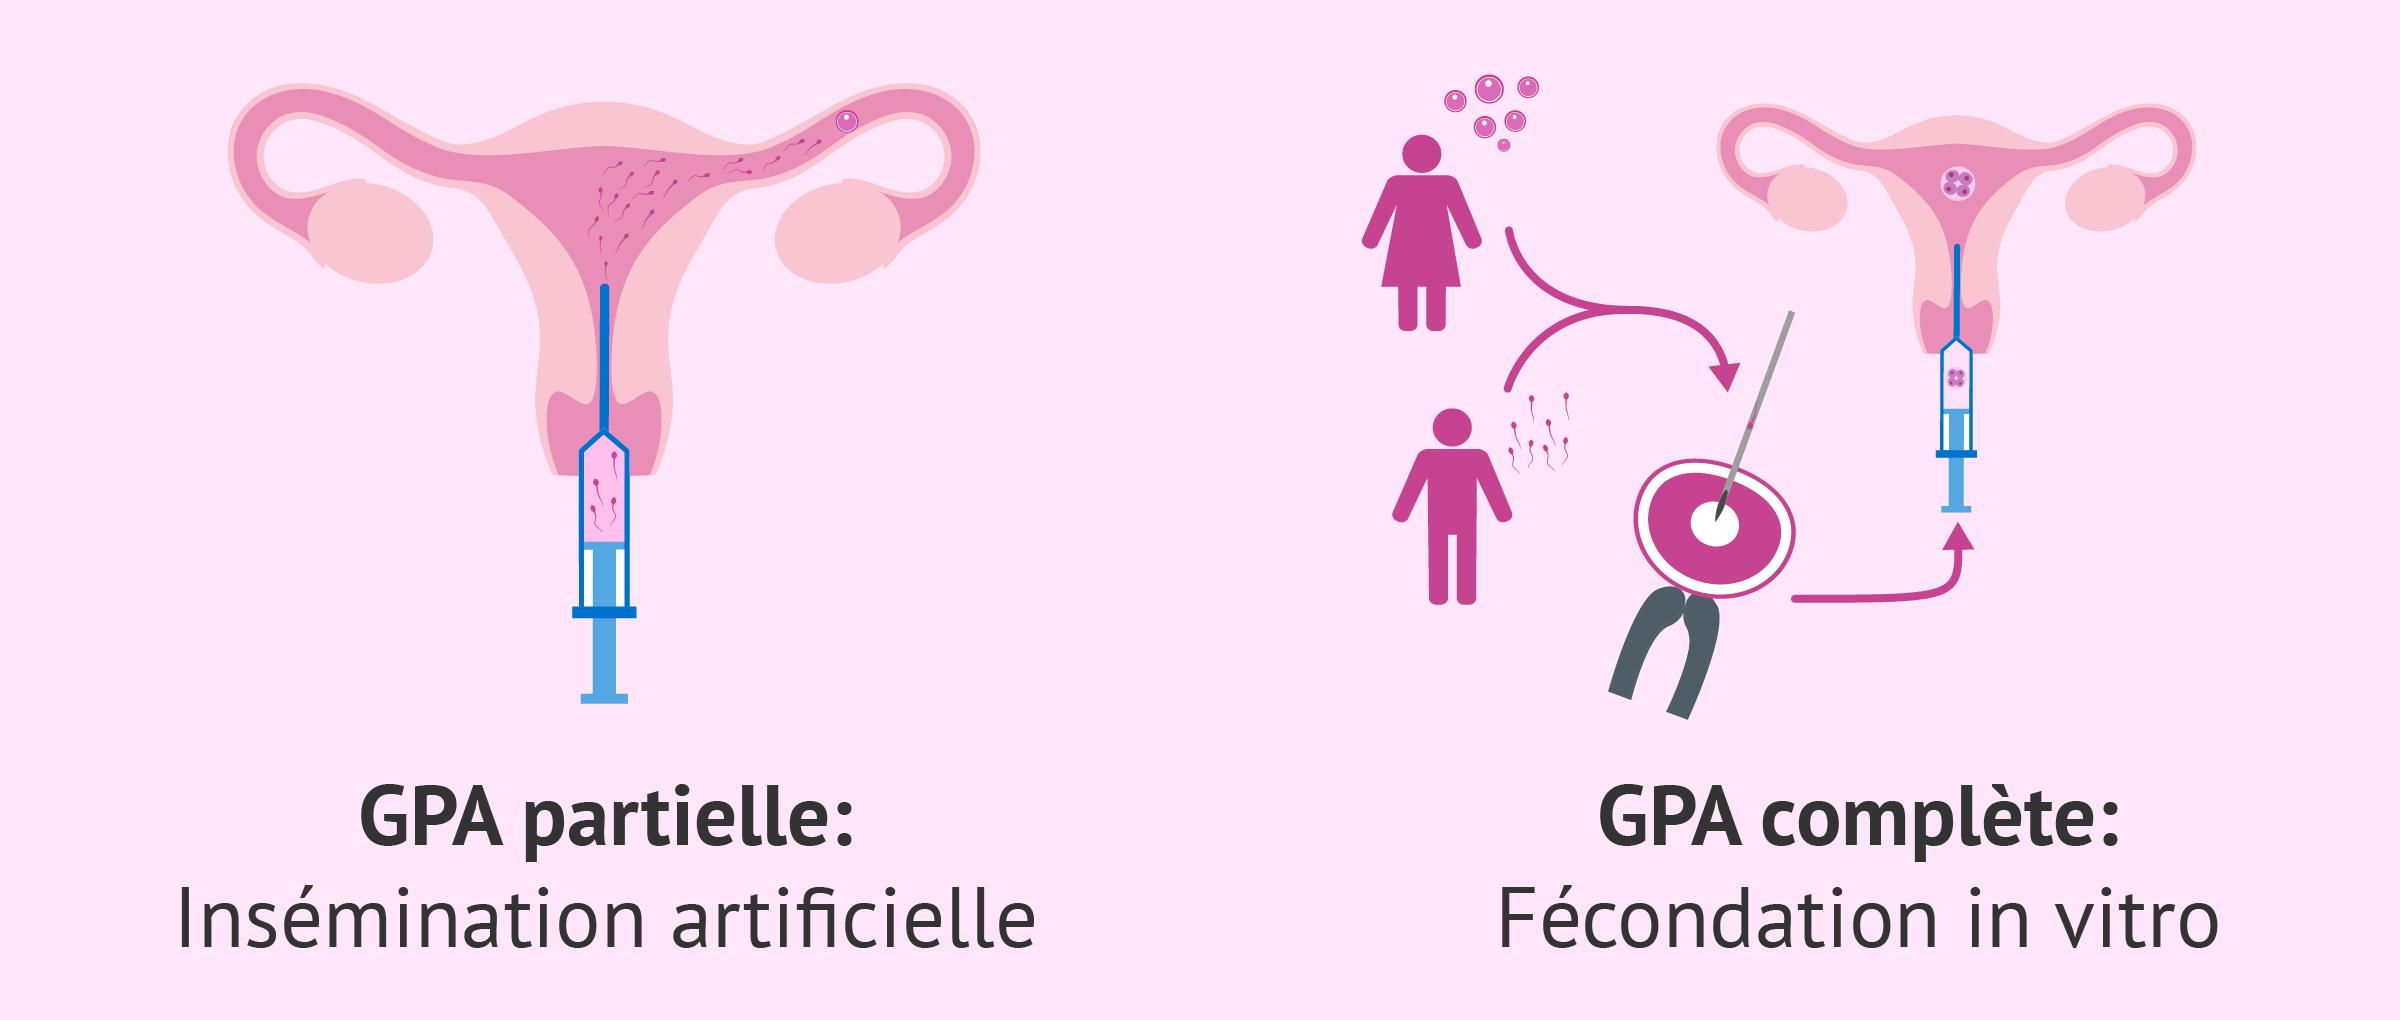 GPA partielle et GPA complète